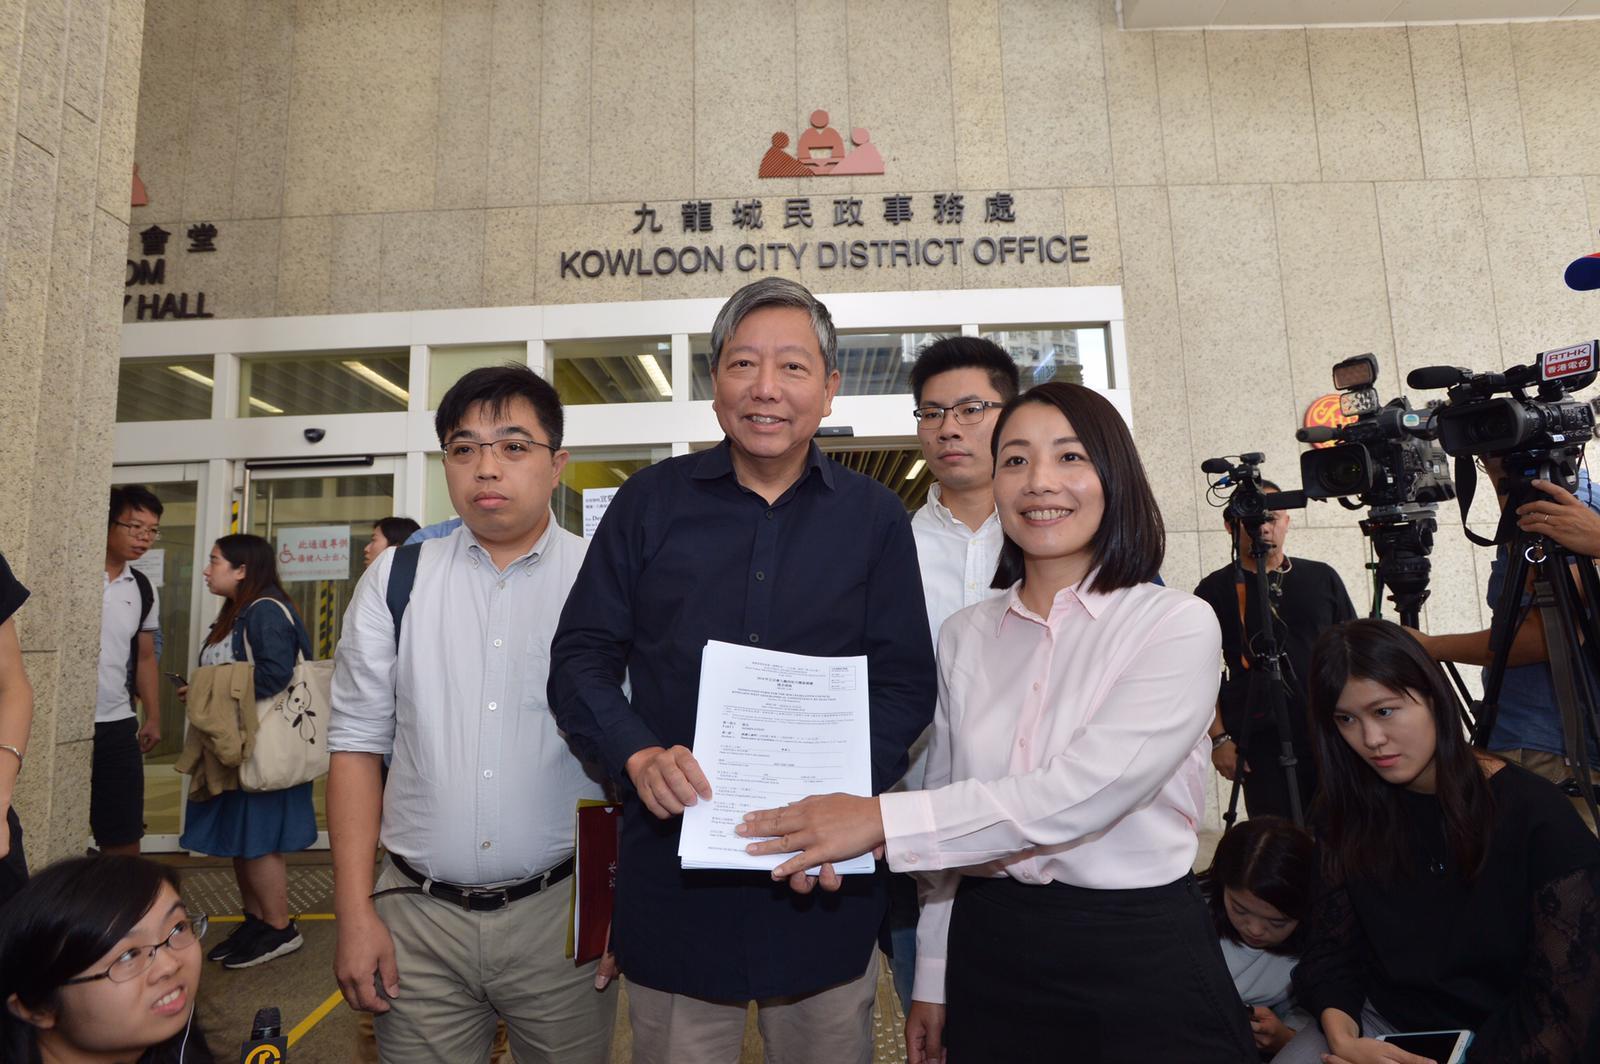 「Plan B」工黨副主席李卓人今日報名參選。